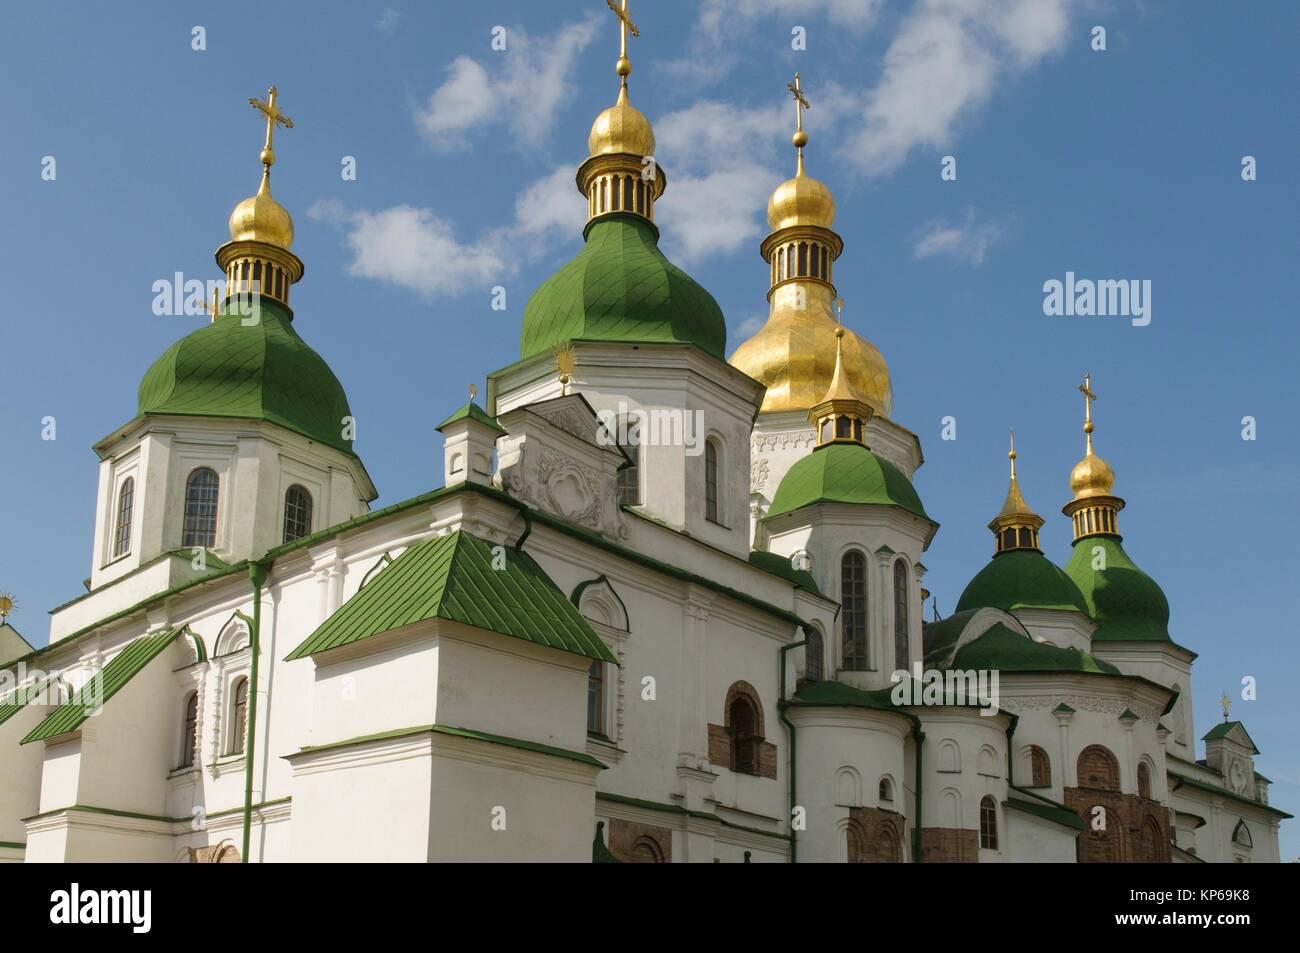 St. Sophia Cathedral in Kiev - cultural heritage of Ukraine